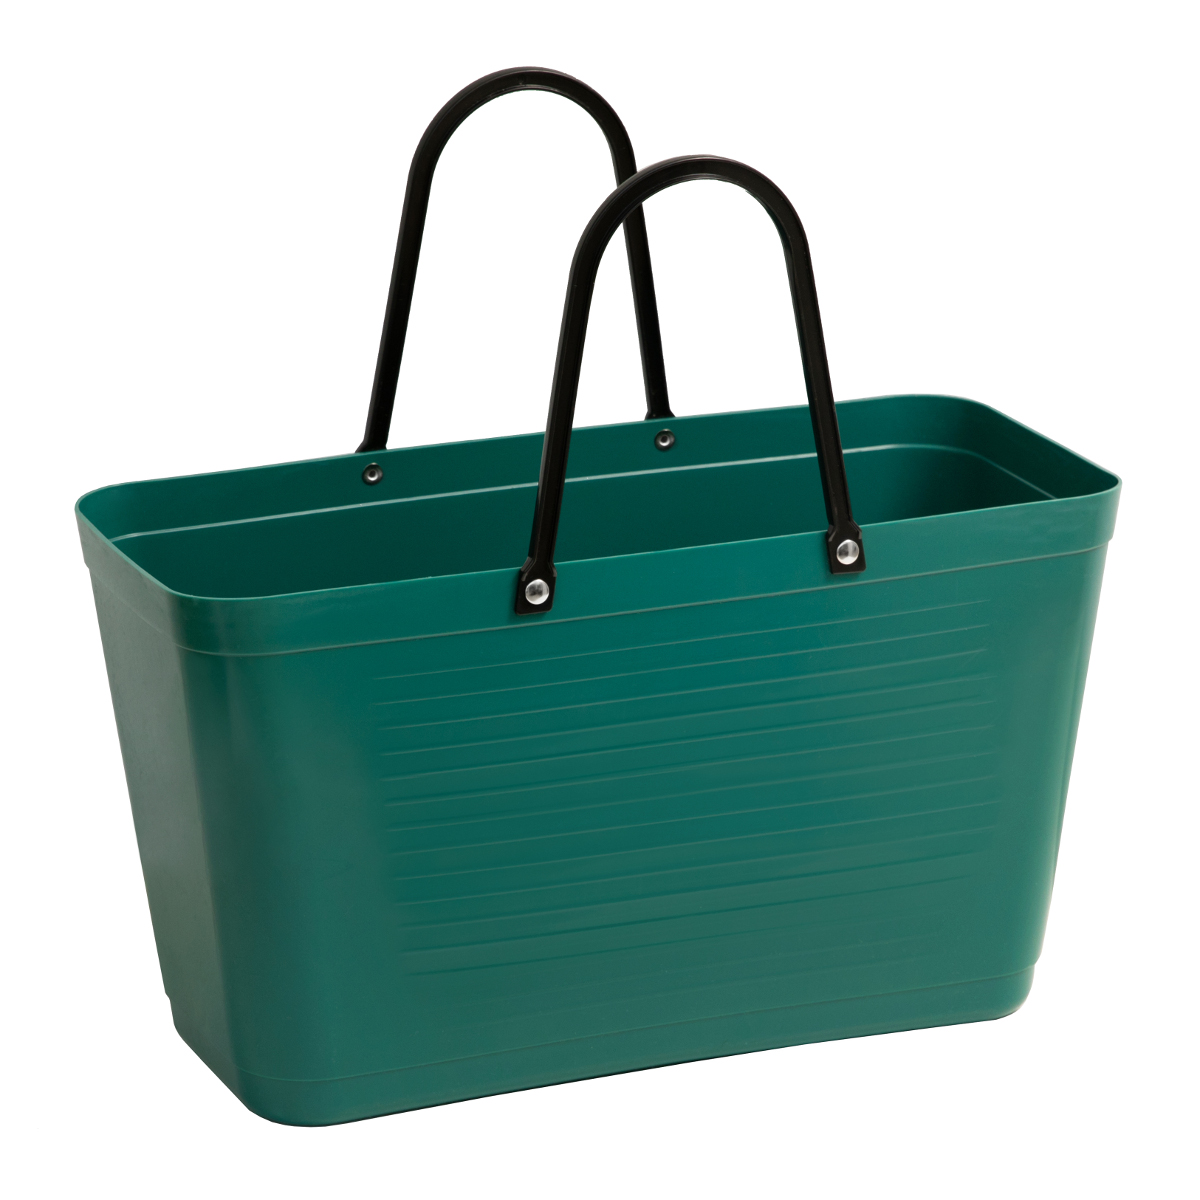 Väska Hinza Stor Mörkgrön - Green Plastic